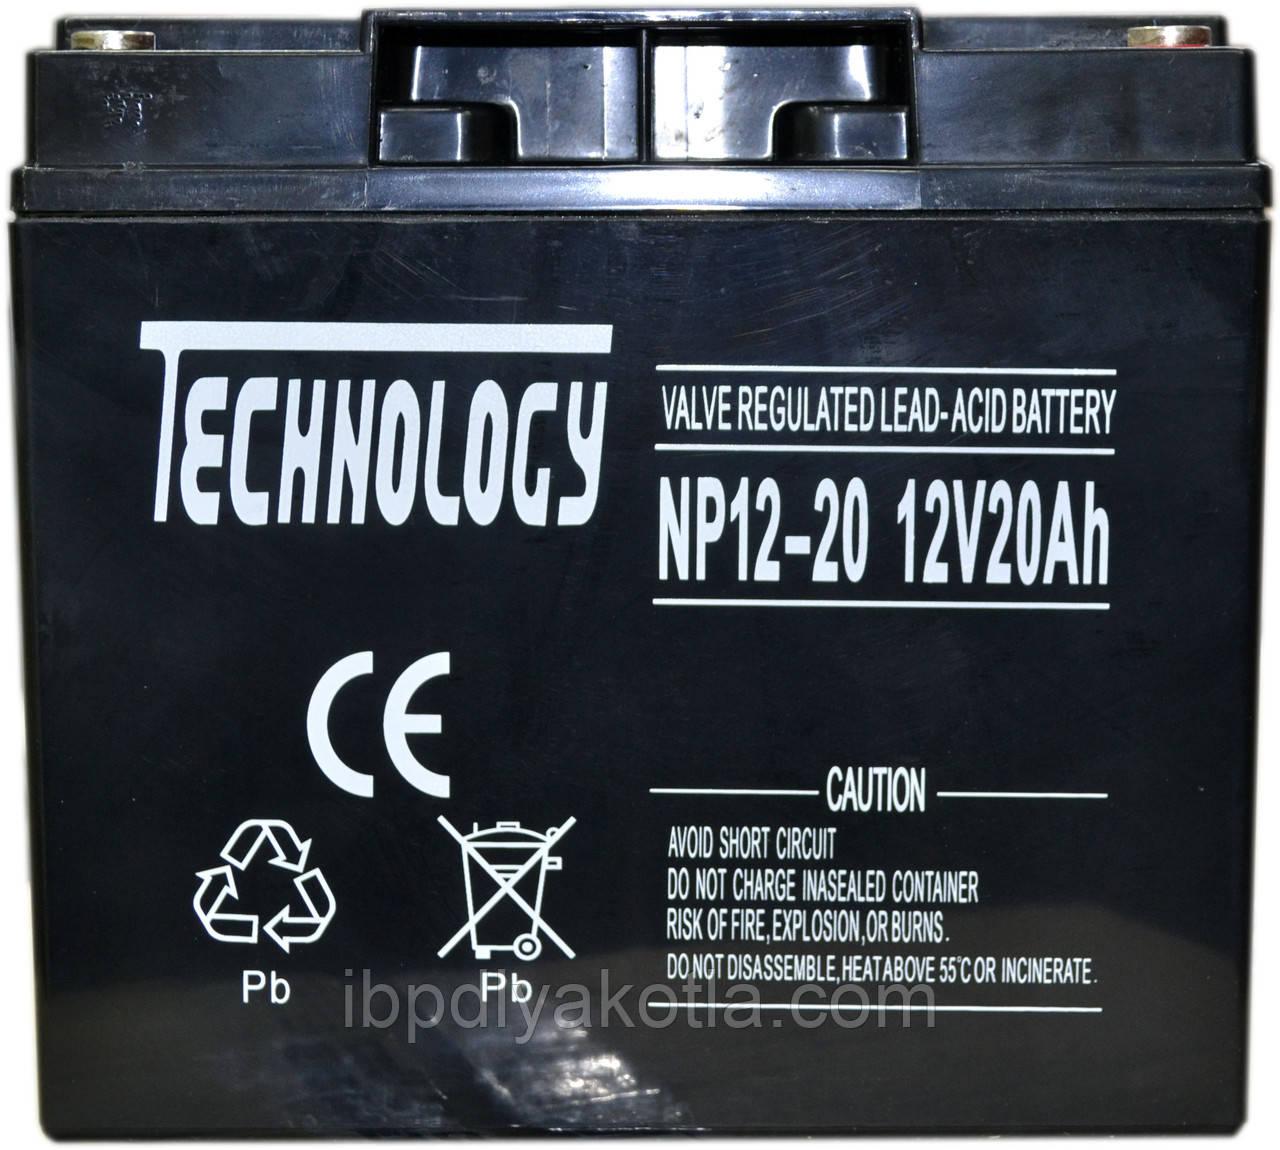 Аккумулятор мультигелевый TECHNOLOGY NP12-20Ah 12V 20AH, (AGM) для ИБП